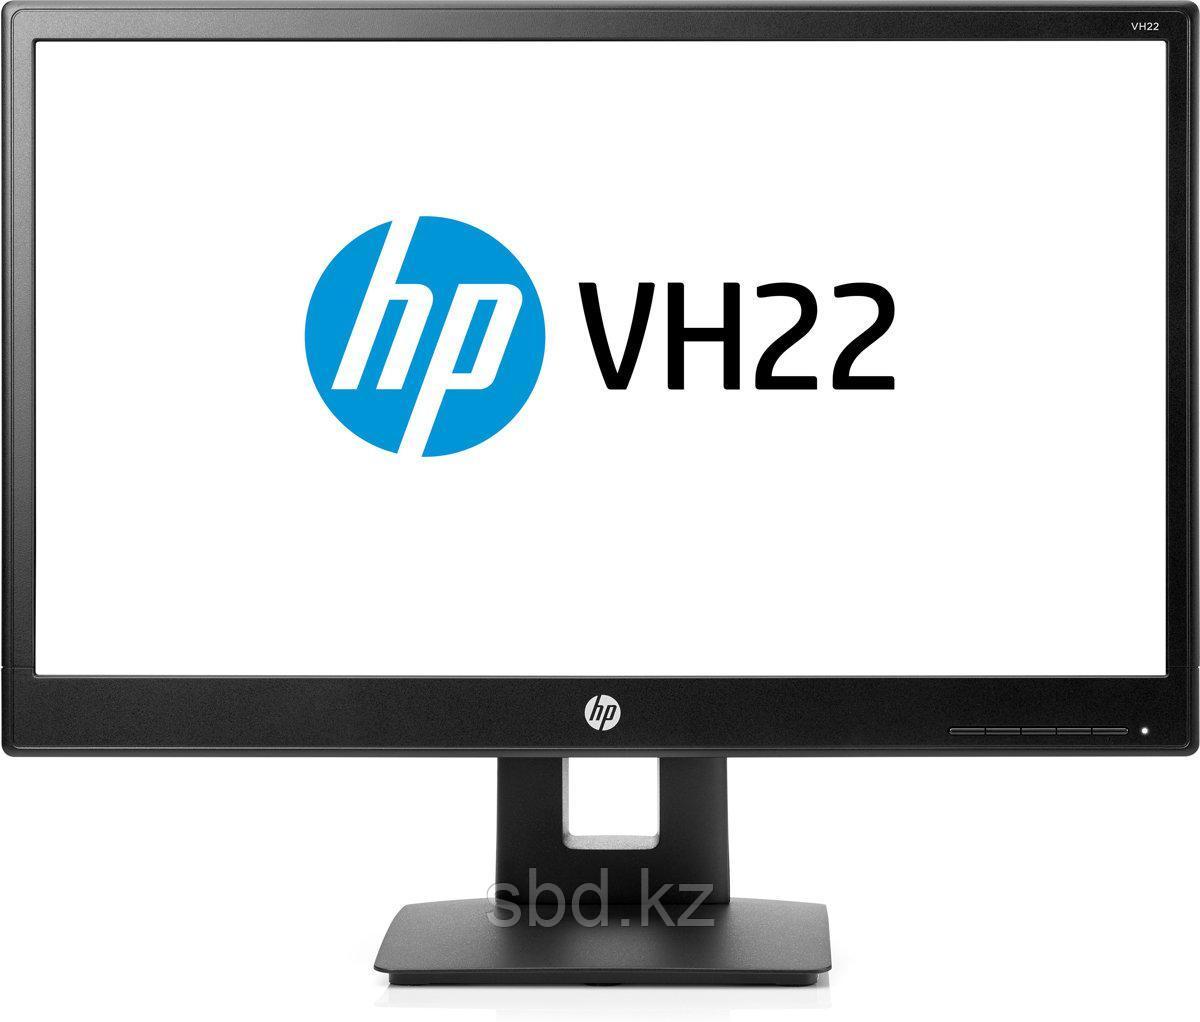 """Монитор 21.5"""" HP VH22, X0N05AA, Black"""